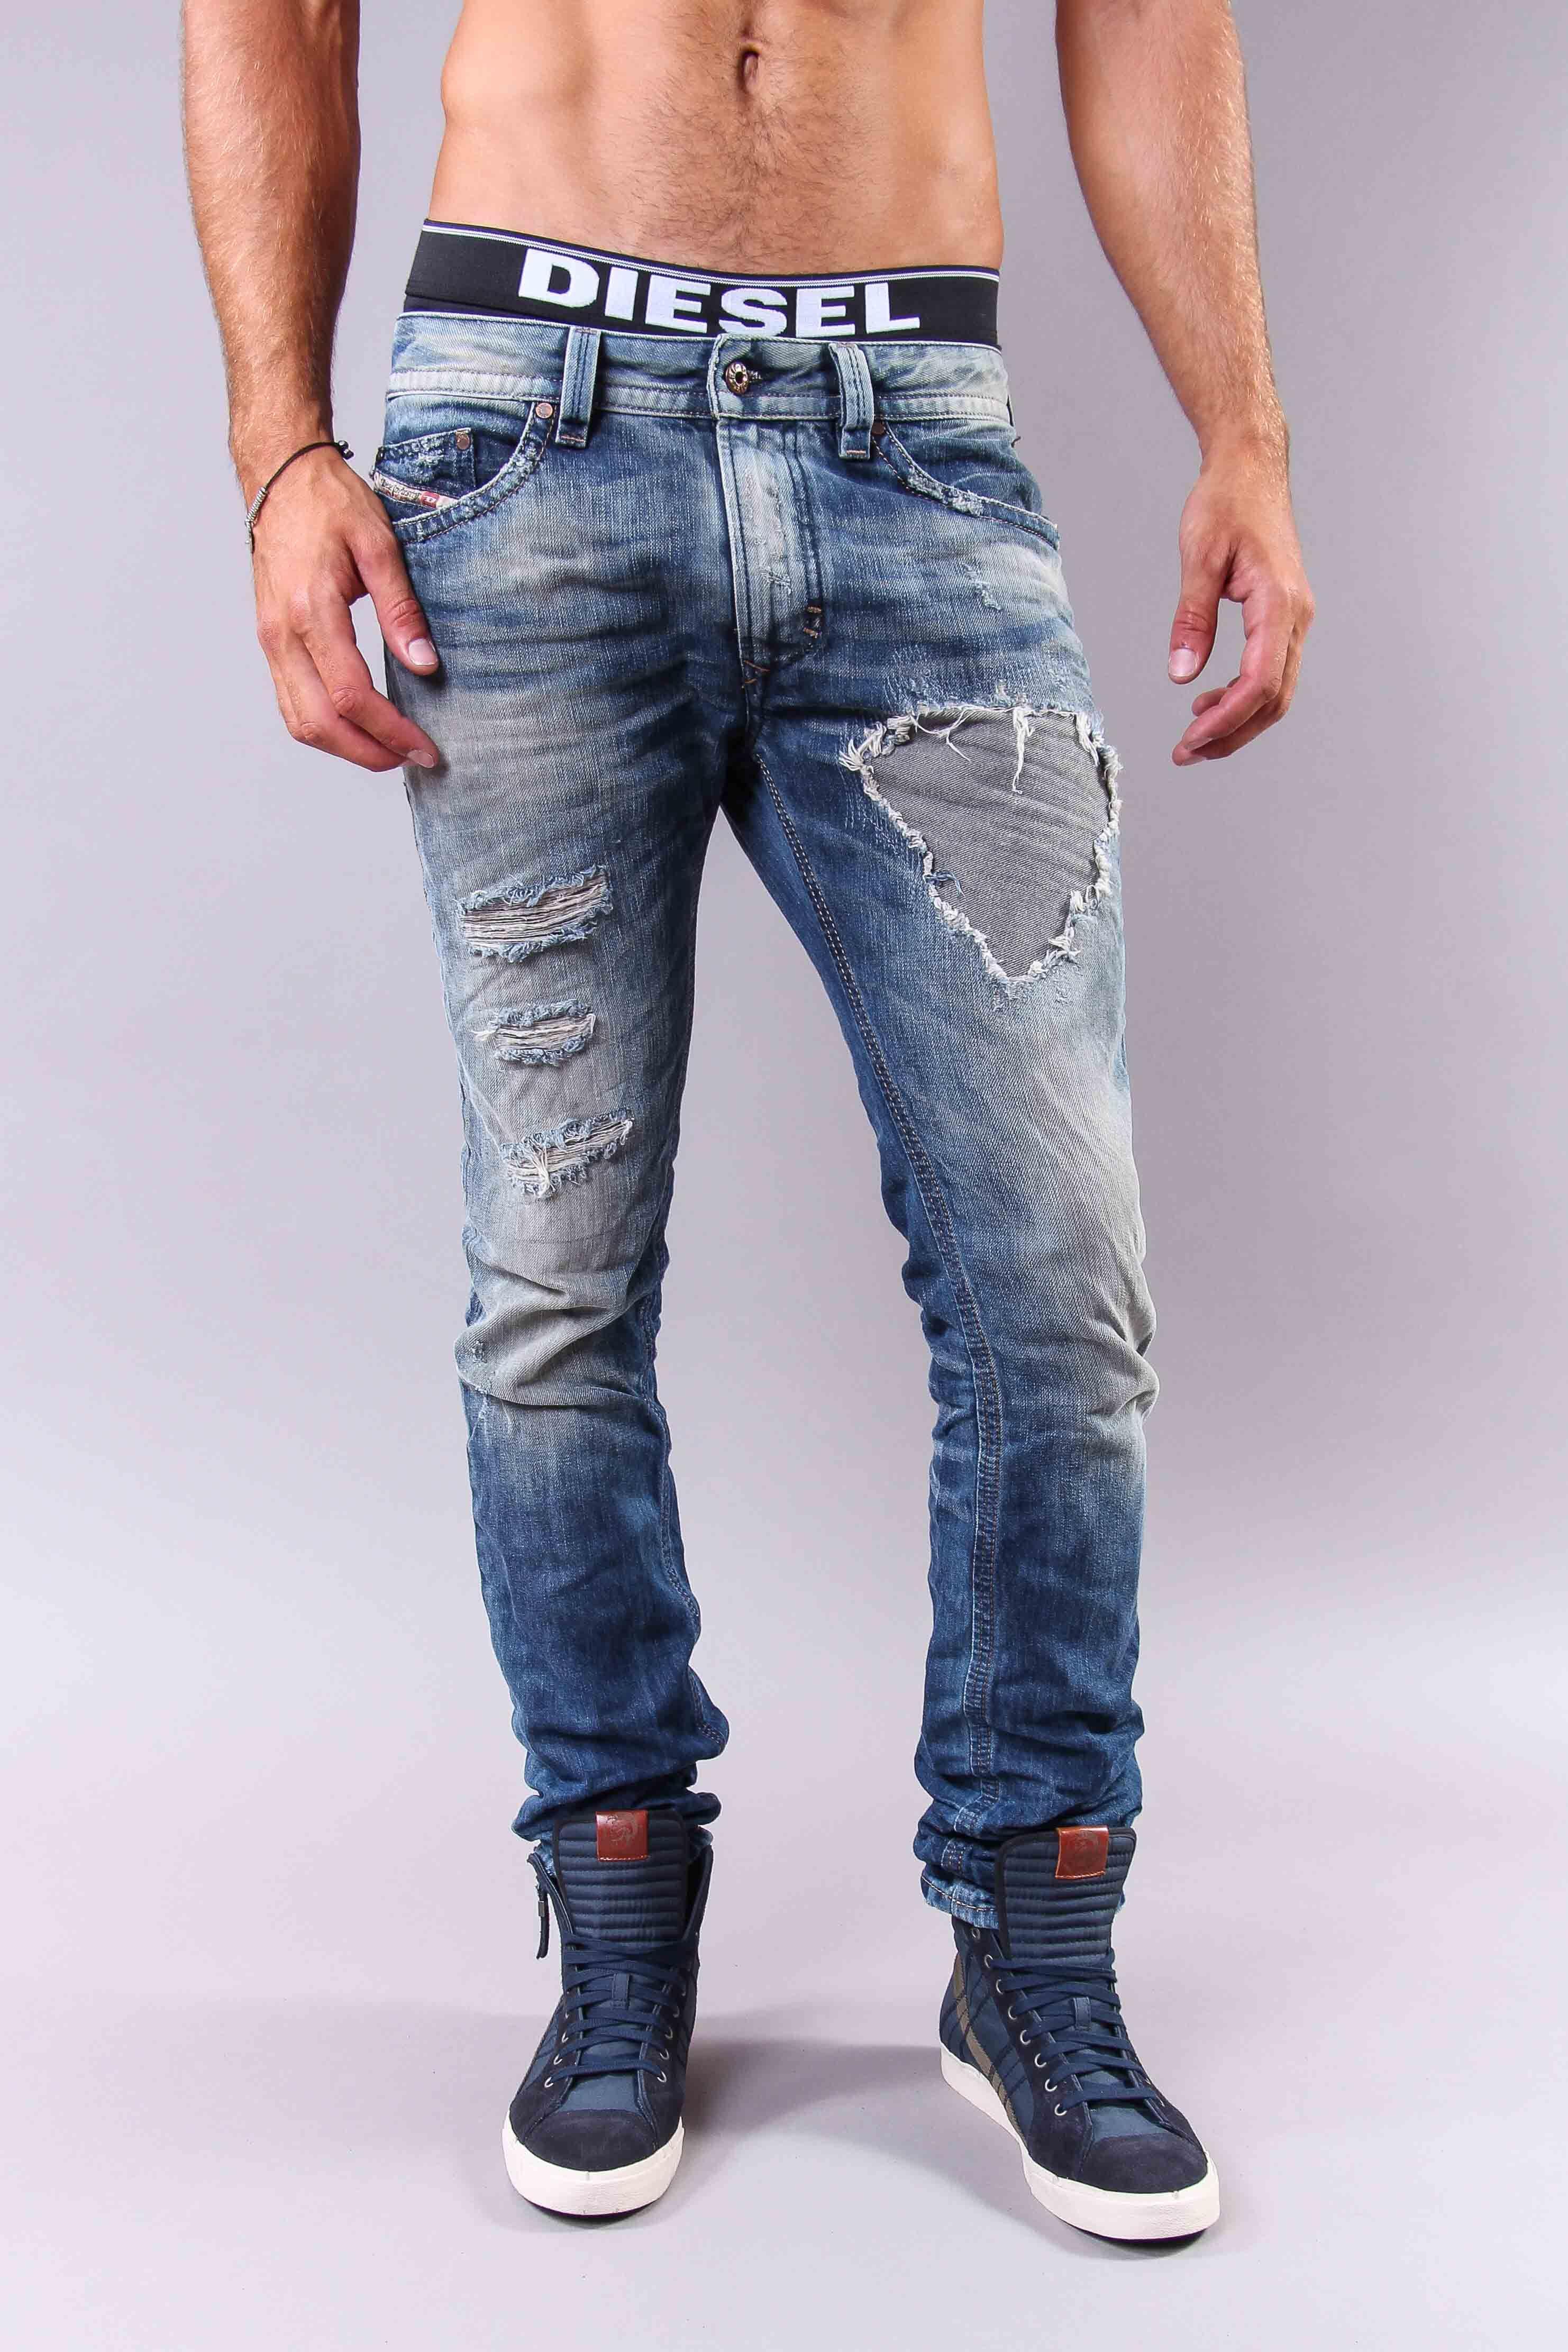 ca56c58cfe Jeans Diesel Thavar 830P http   www.dimicheli.com nouveautes